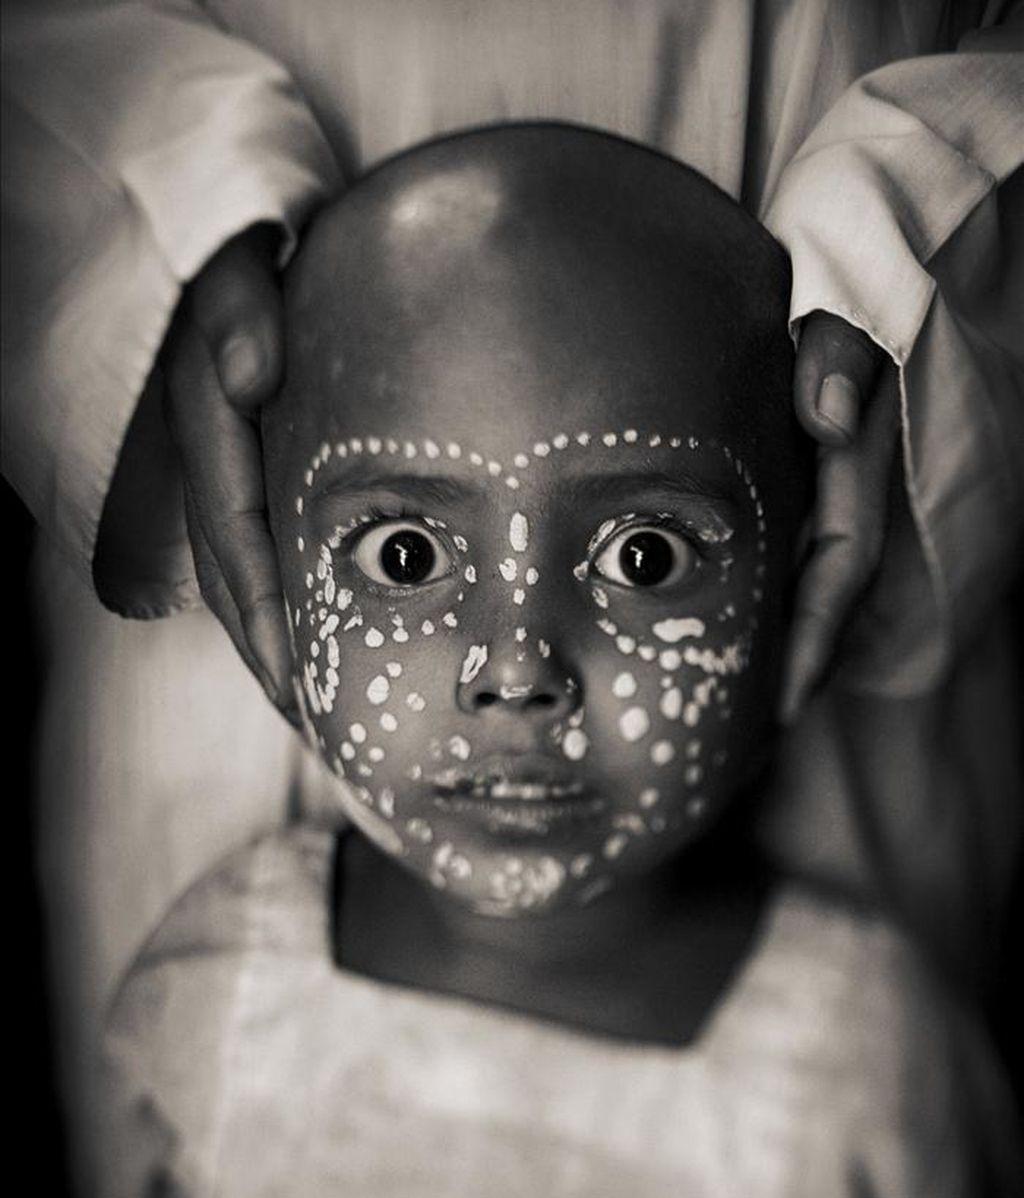 Imagen facilitada por premios fotográficos Sony 2011 del fotógrafo español Javier Arcenillas, galardonado hoy con dos premios Sony World. EFE